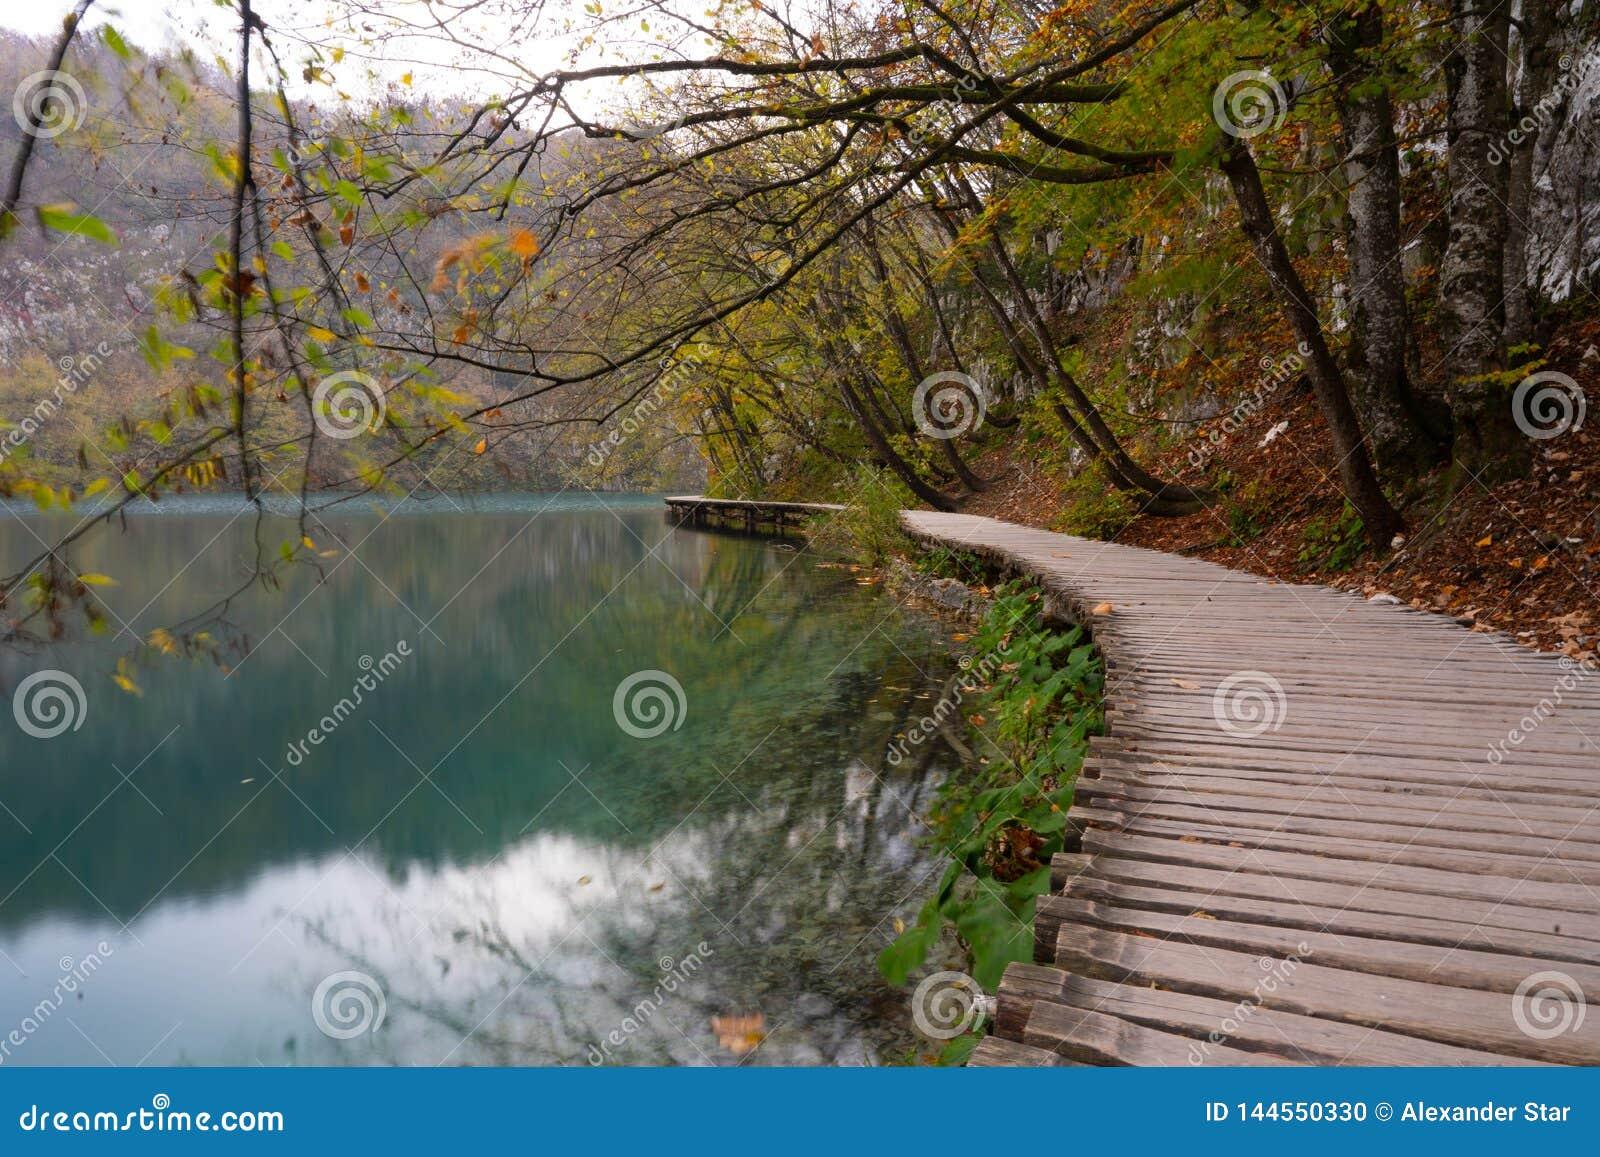 οι λίμνες κληρονομιάς της Κροατίας εμφανίζουν λίστα τον εθνικό κόσμο της ΟΥΝΕΣΚΟ plitvice πάρκων